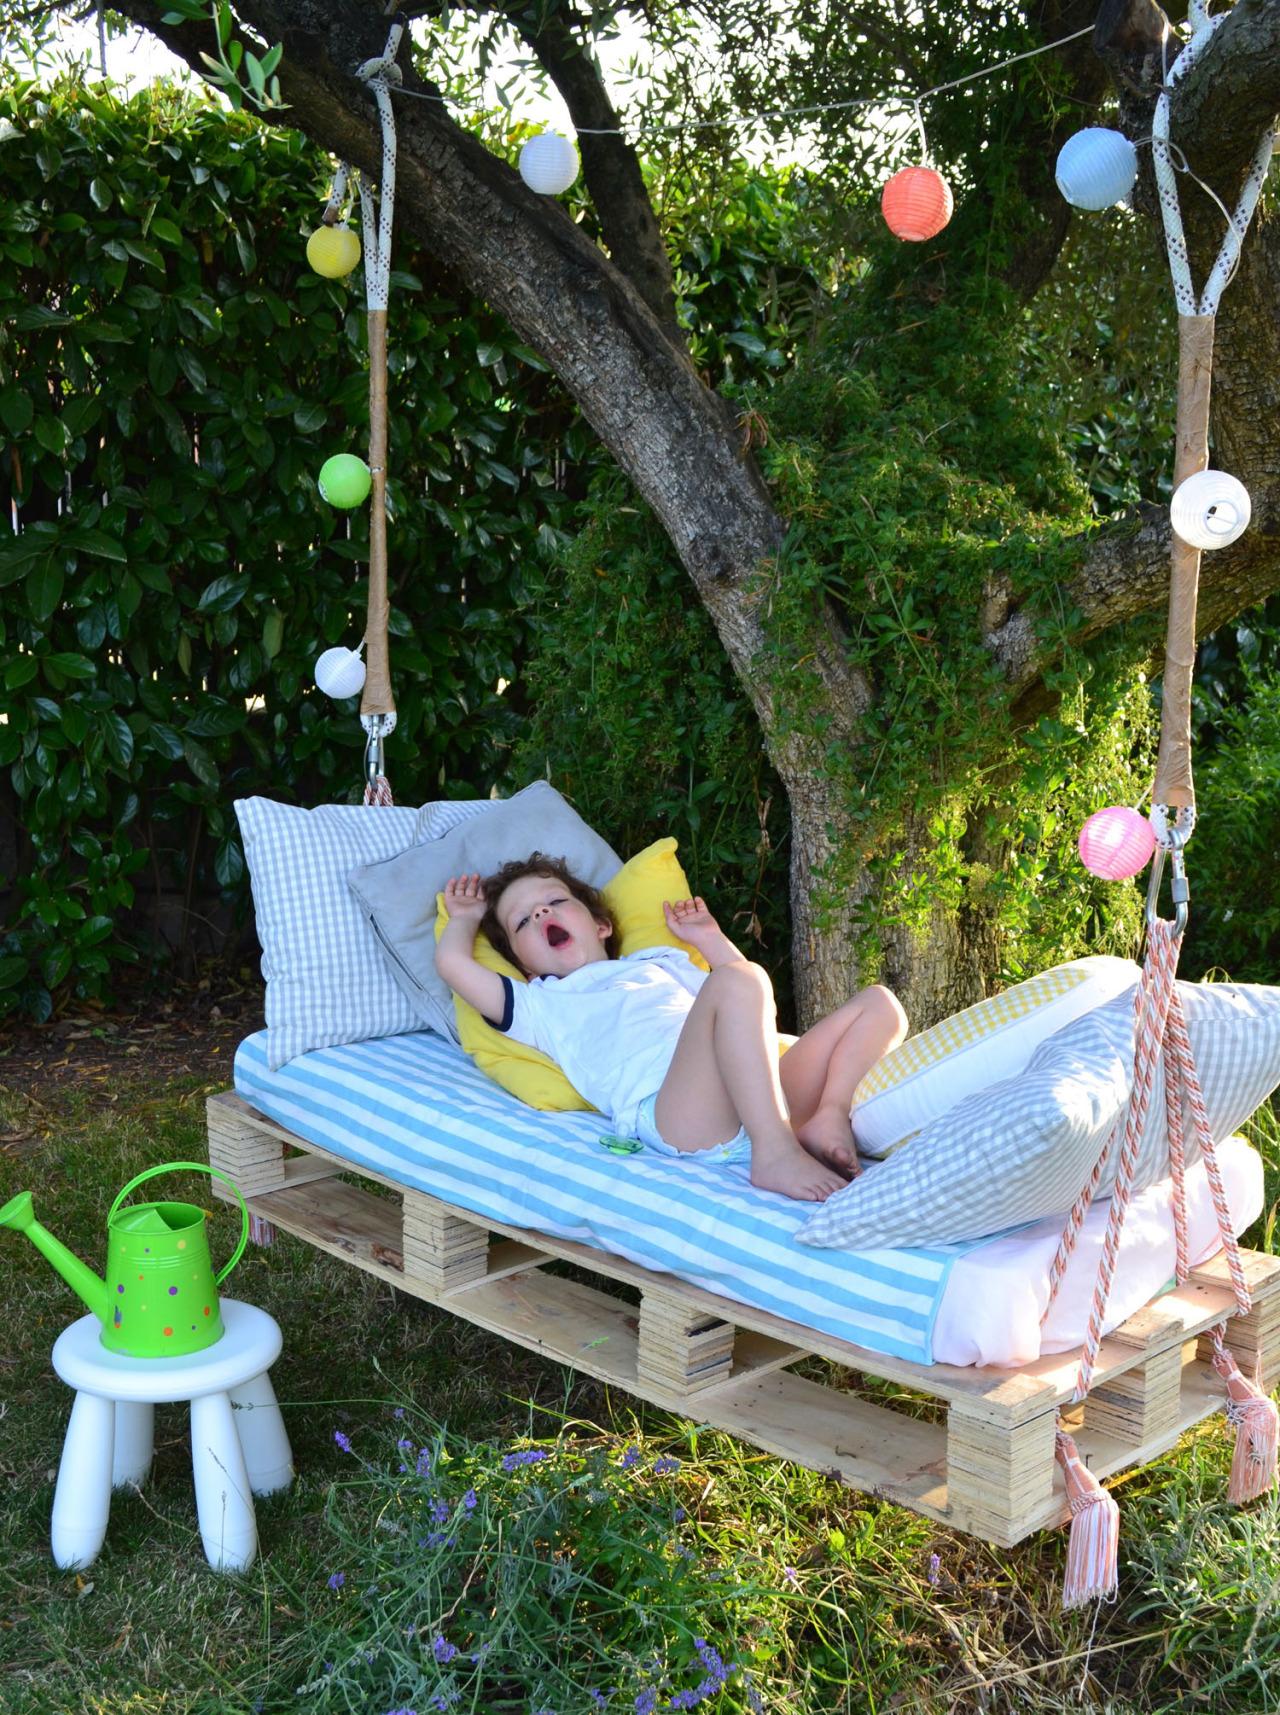 Качелька-лежанка для отдыха и развлечений ребенка, сделана с деревянного поддона